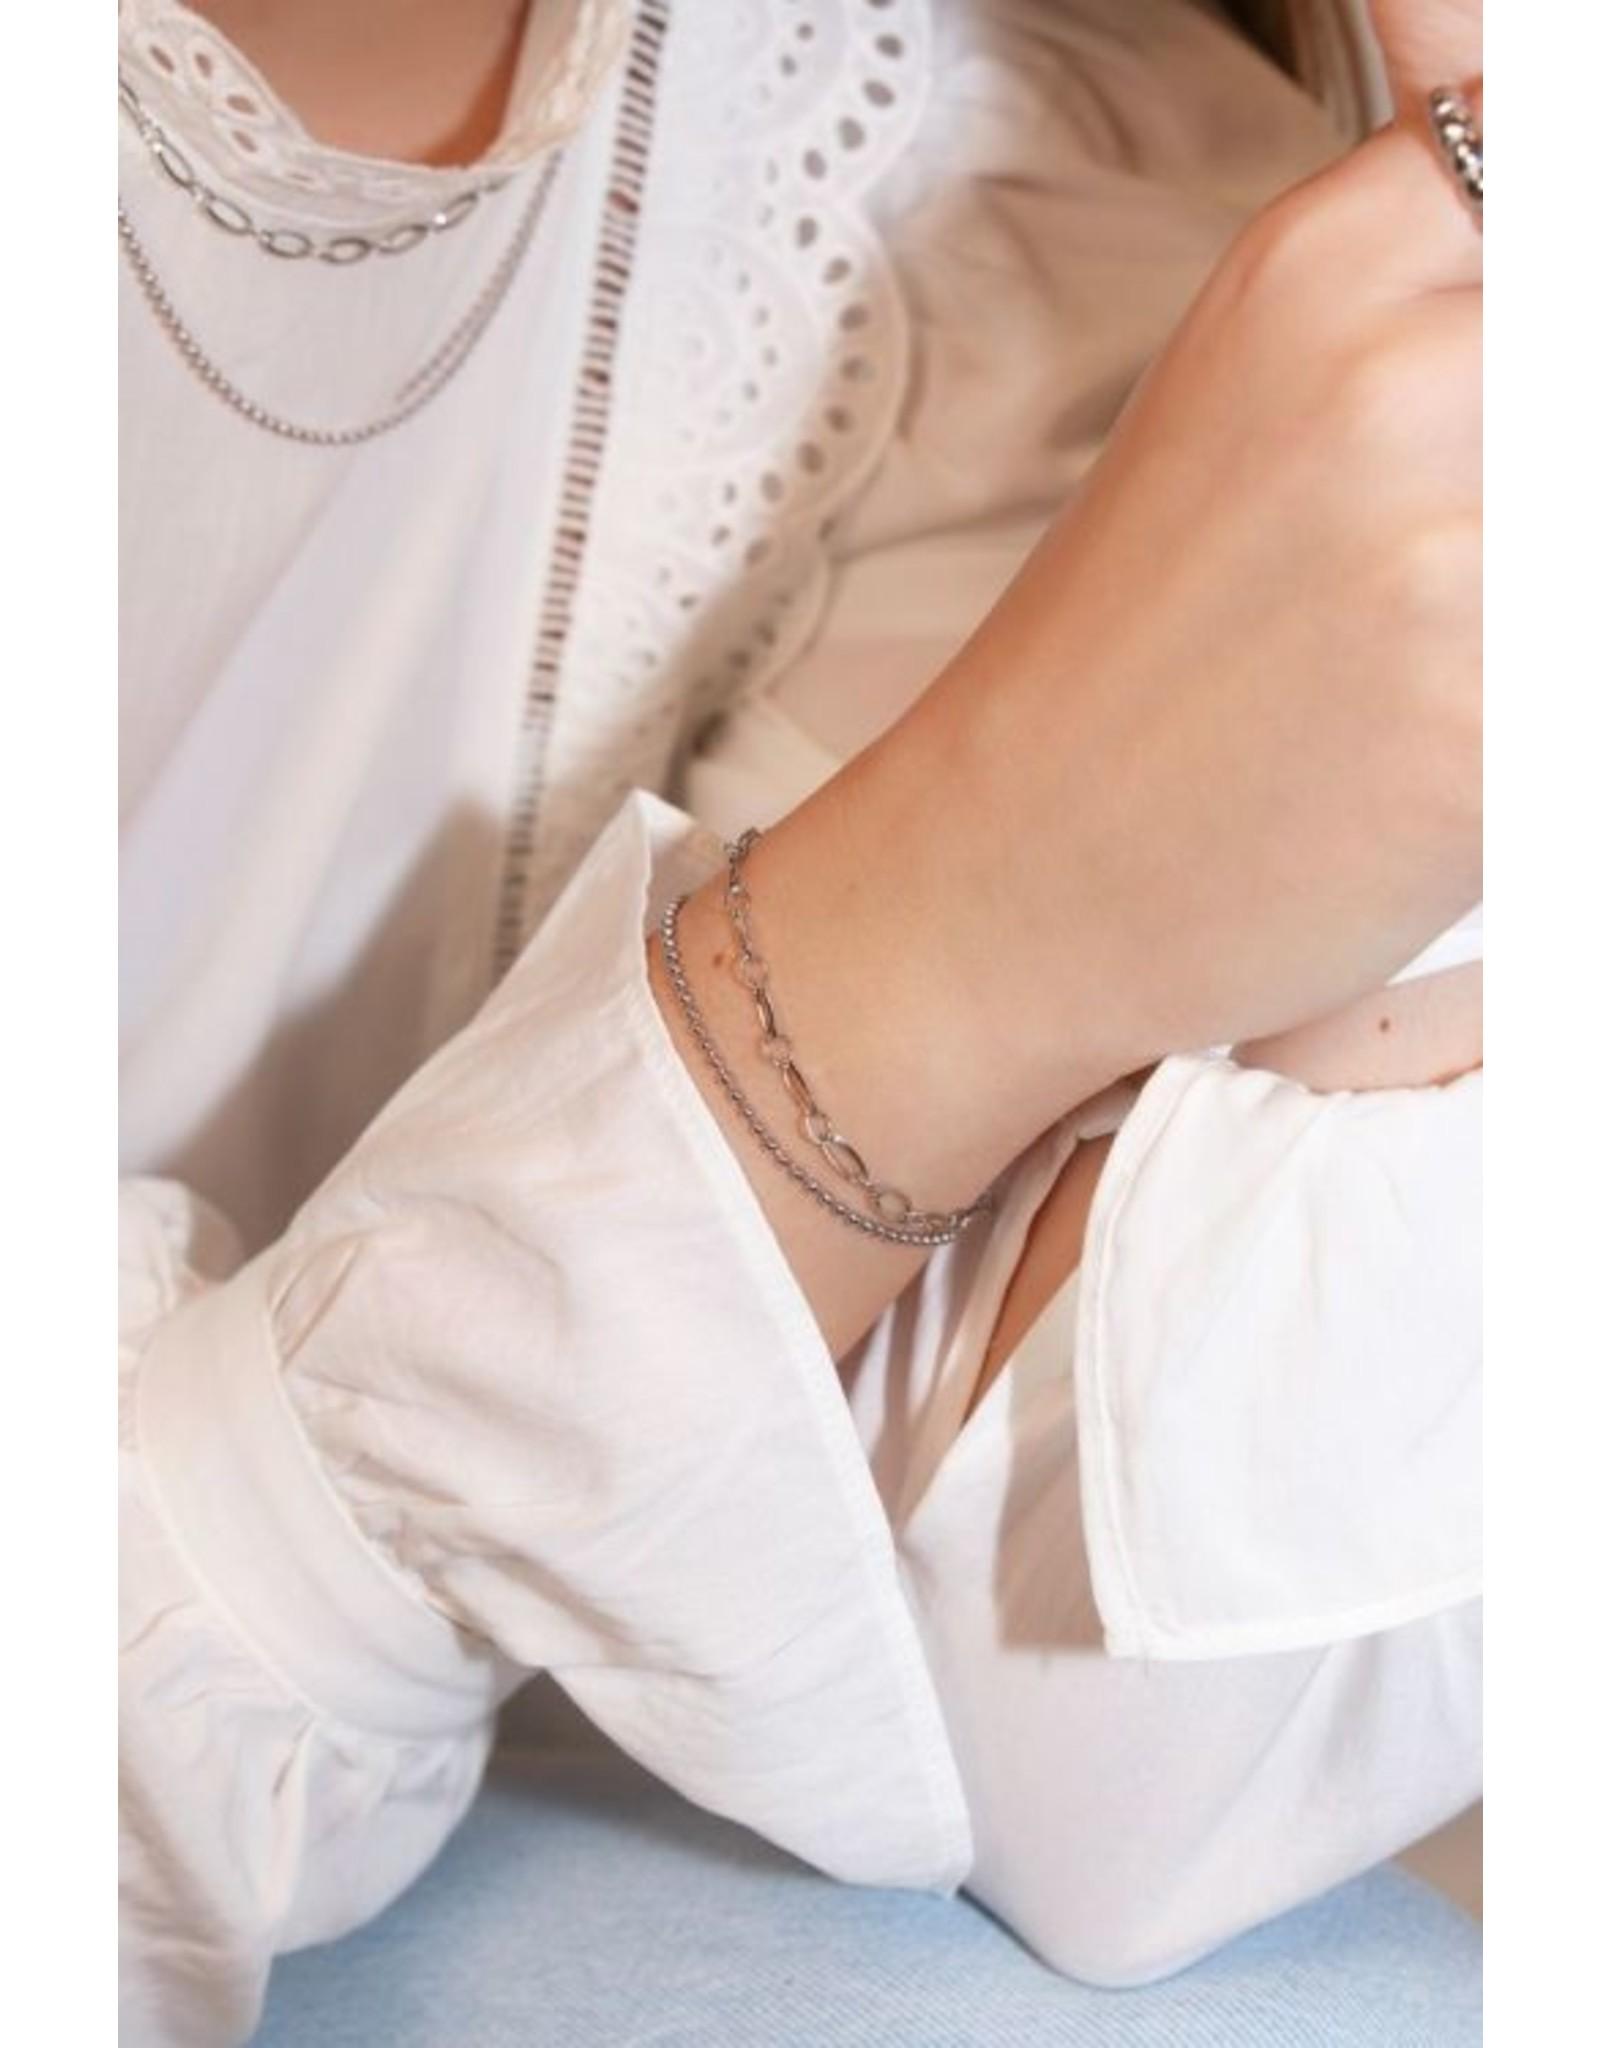 MJ Armbanden set bolletjes